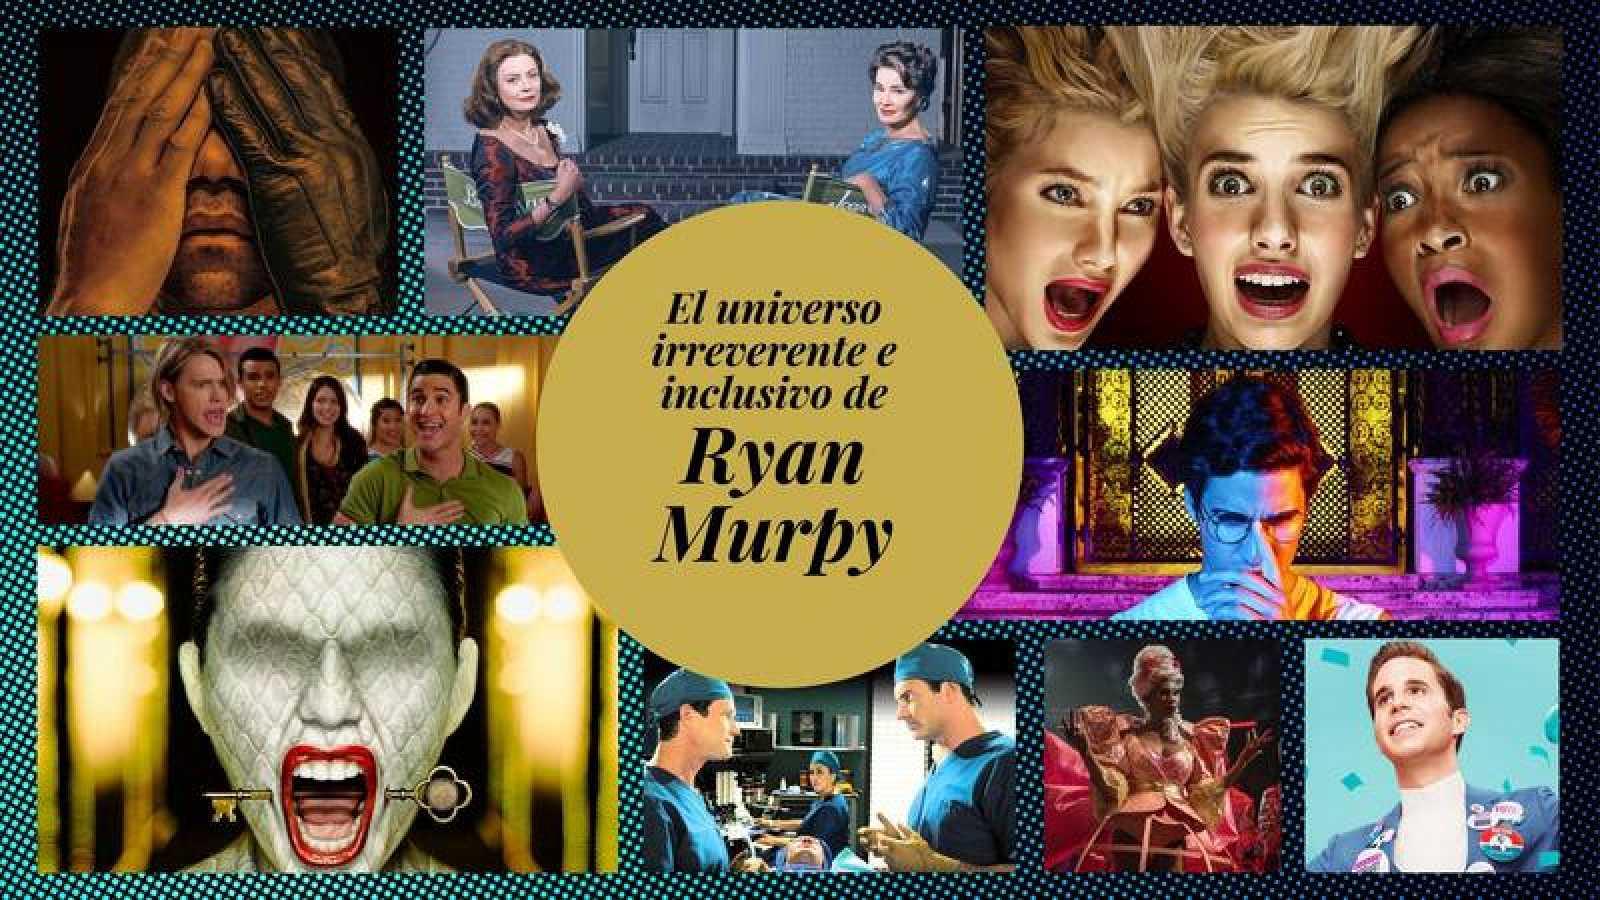 Las producciones de Ryan Murphy, a fondo: desde 'Nip/Tuck' hasta 'The politician'.